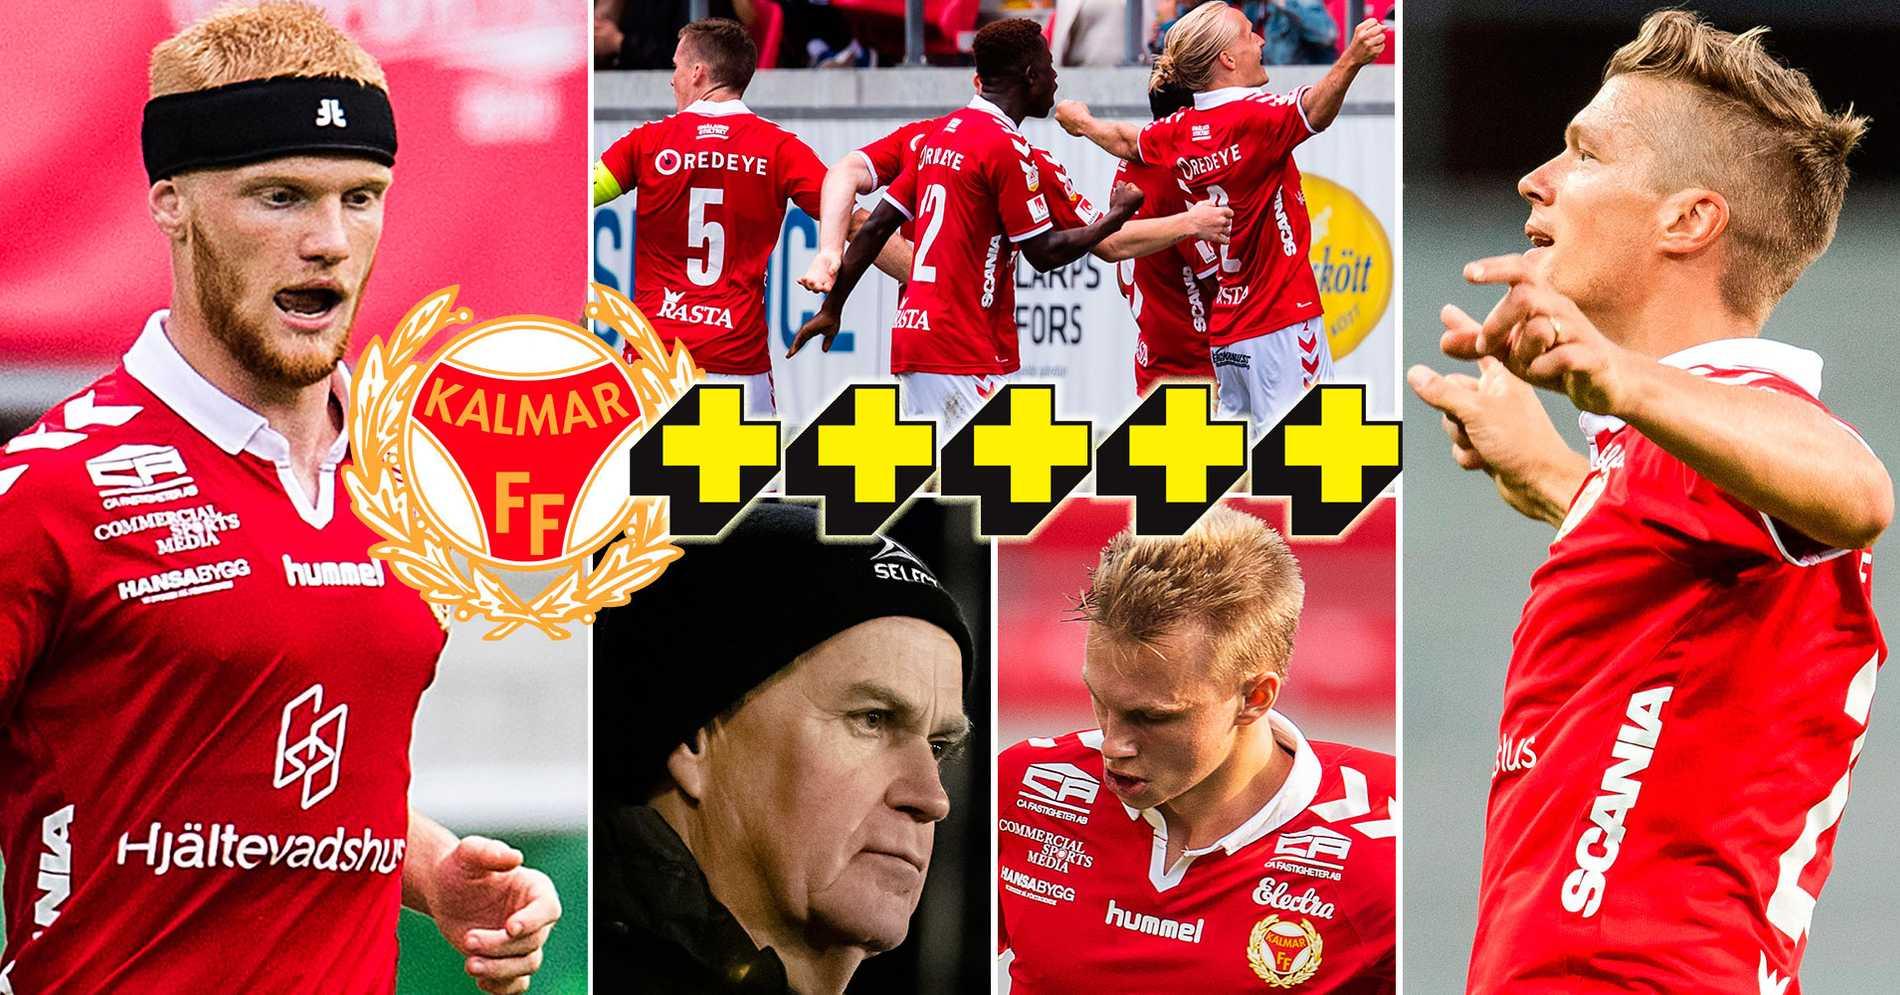 DJUPANALYS 2020: KALMAR FF